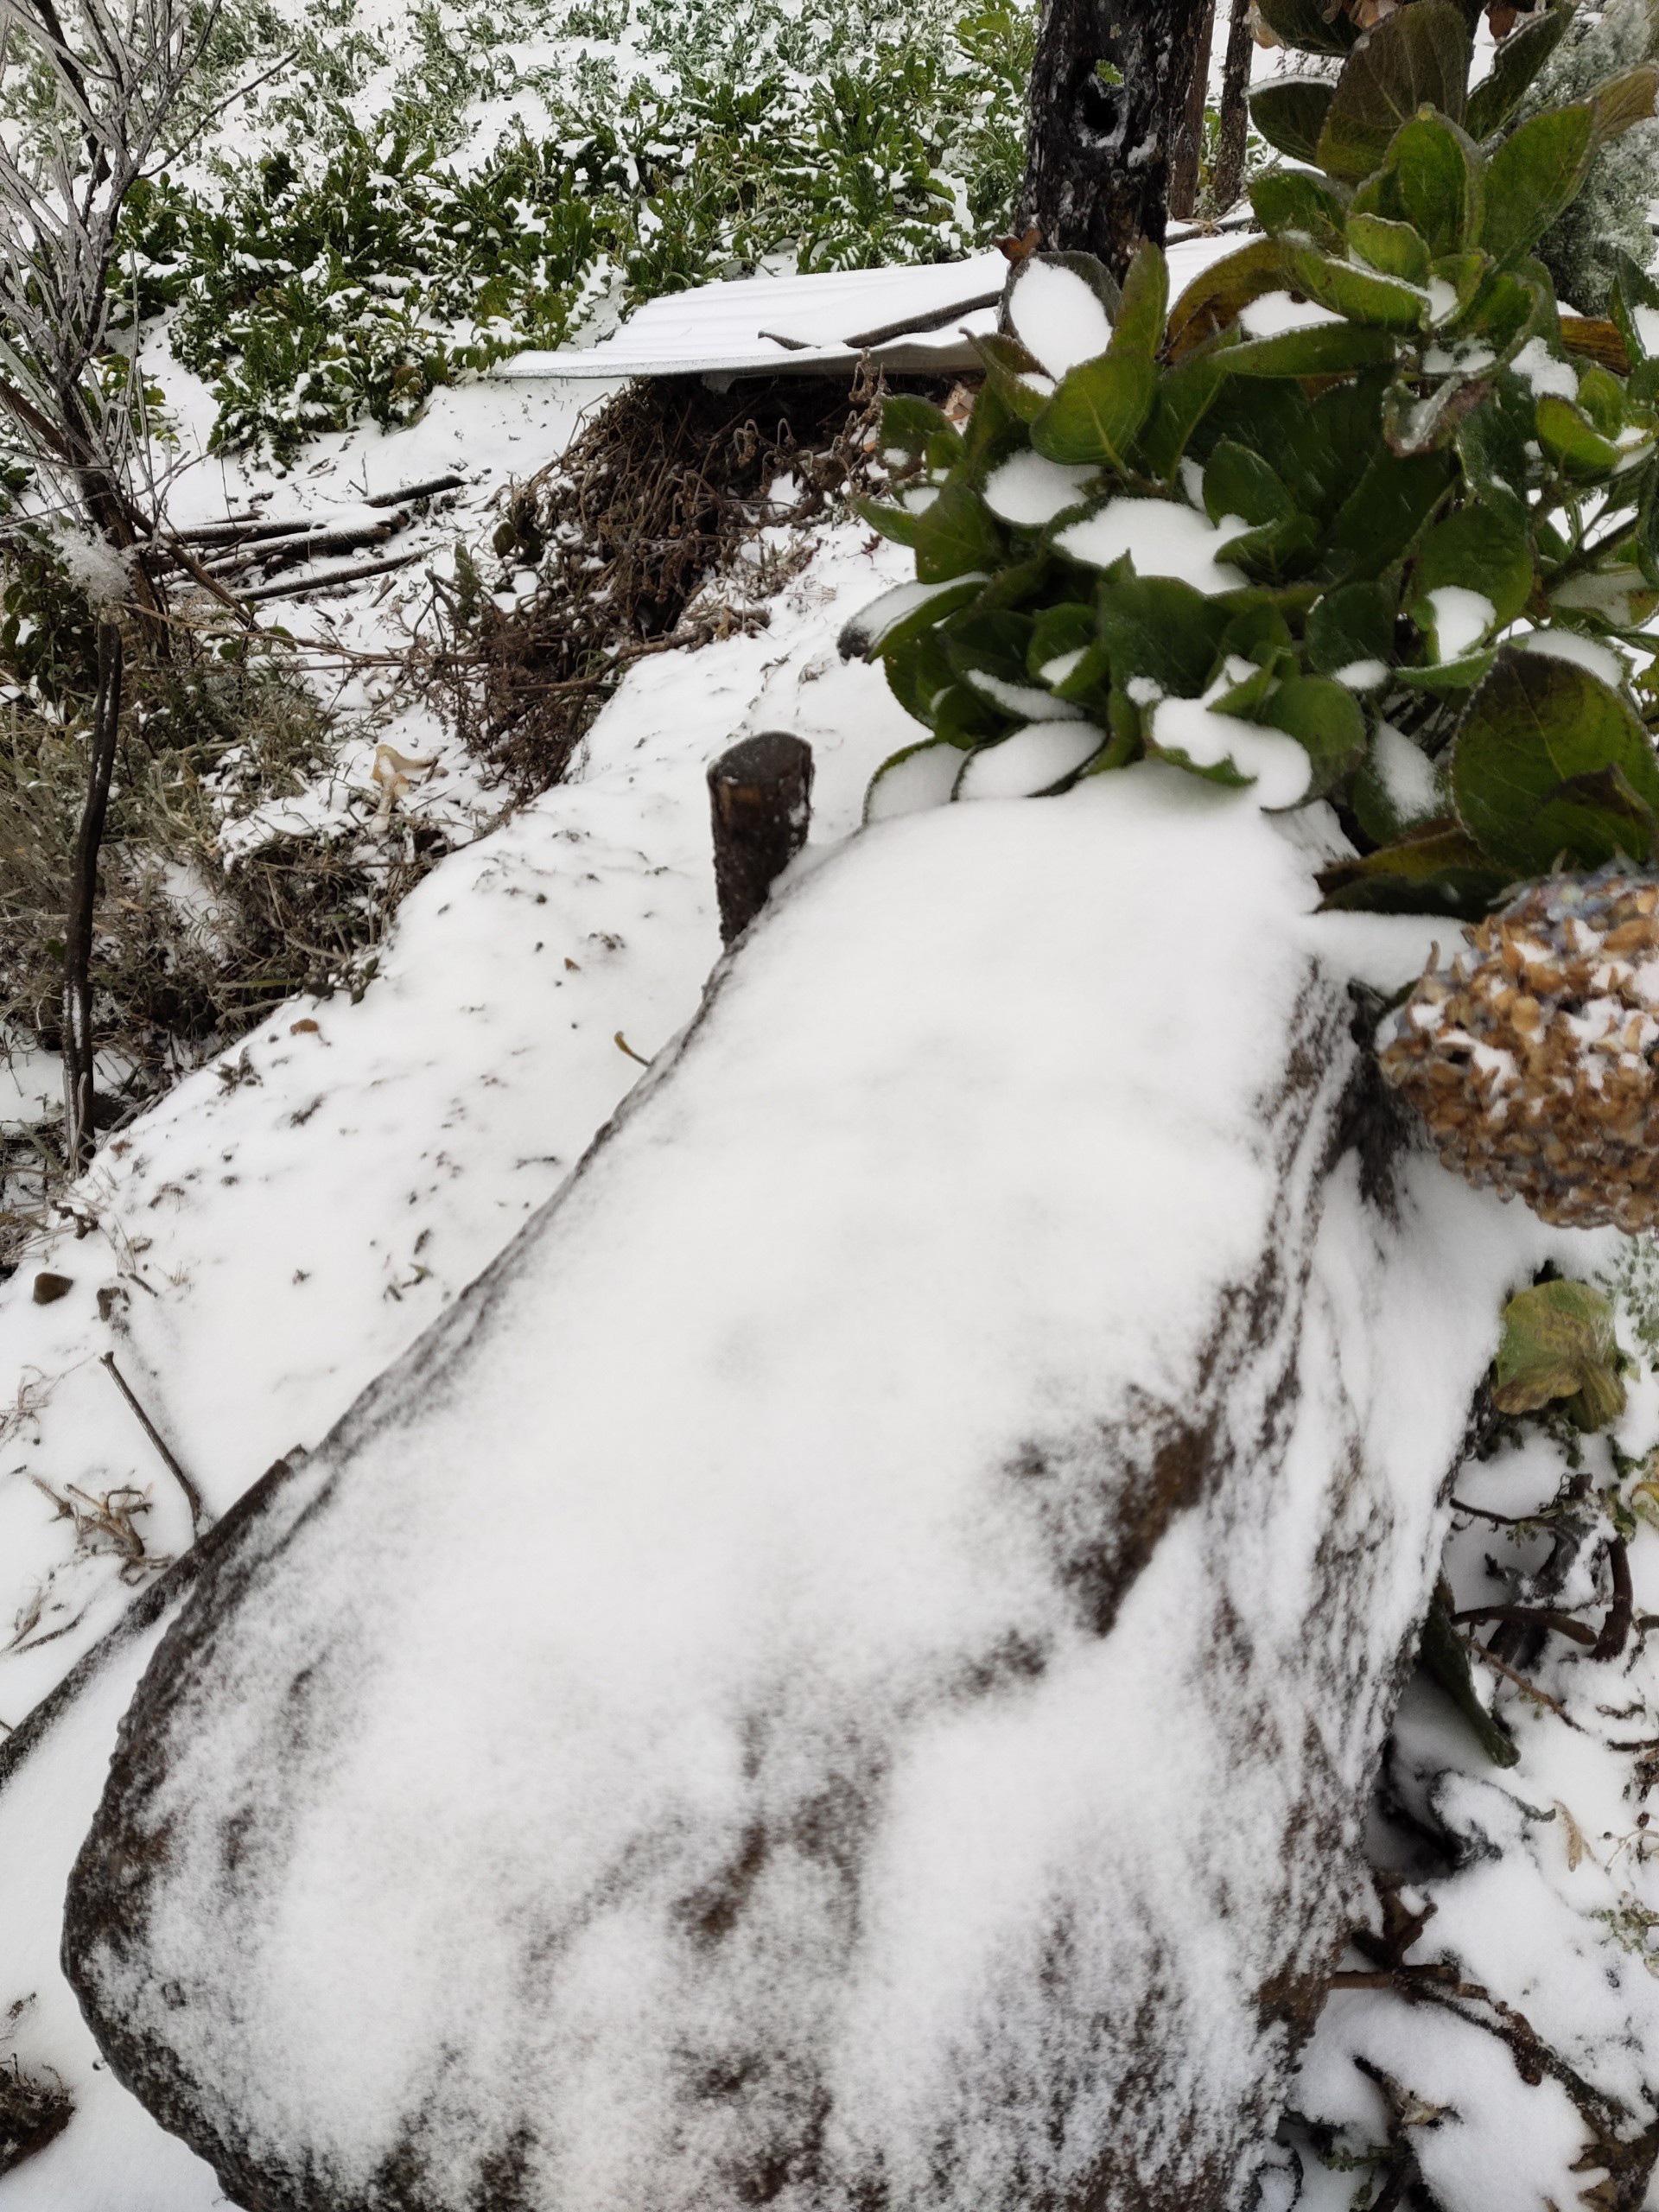 Tuyết rơi dày đặc ở Y Tý, cảnh vật phủ màu trắng xóa như trời Âu - Ảnh 4.